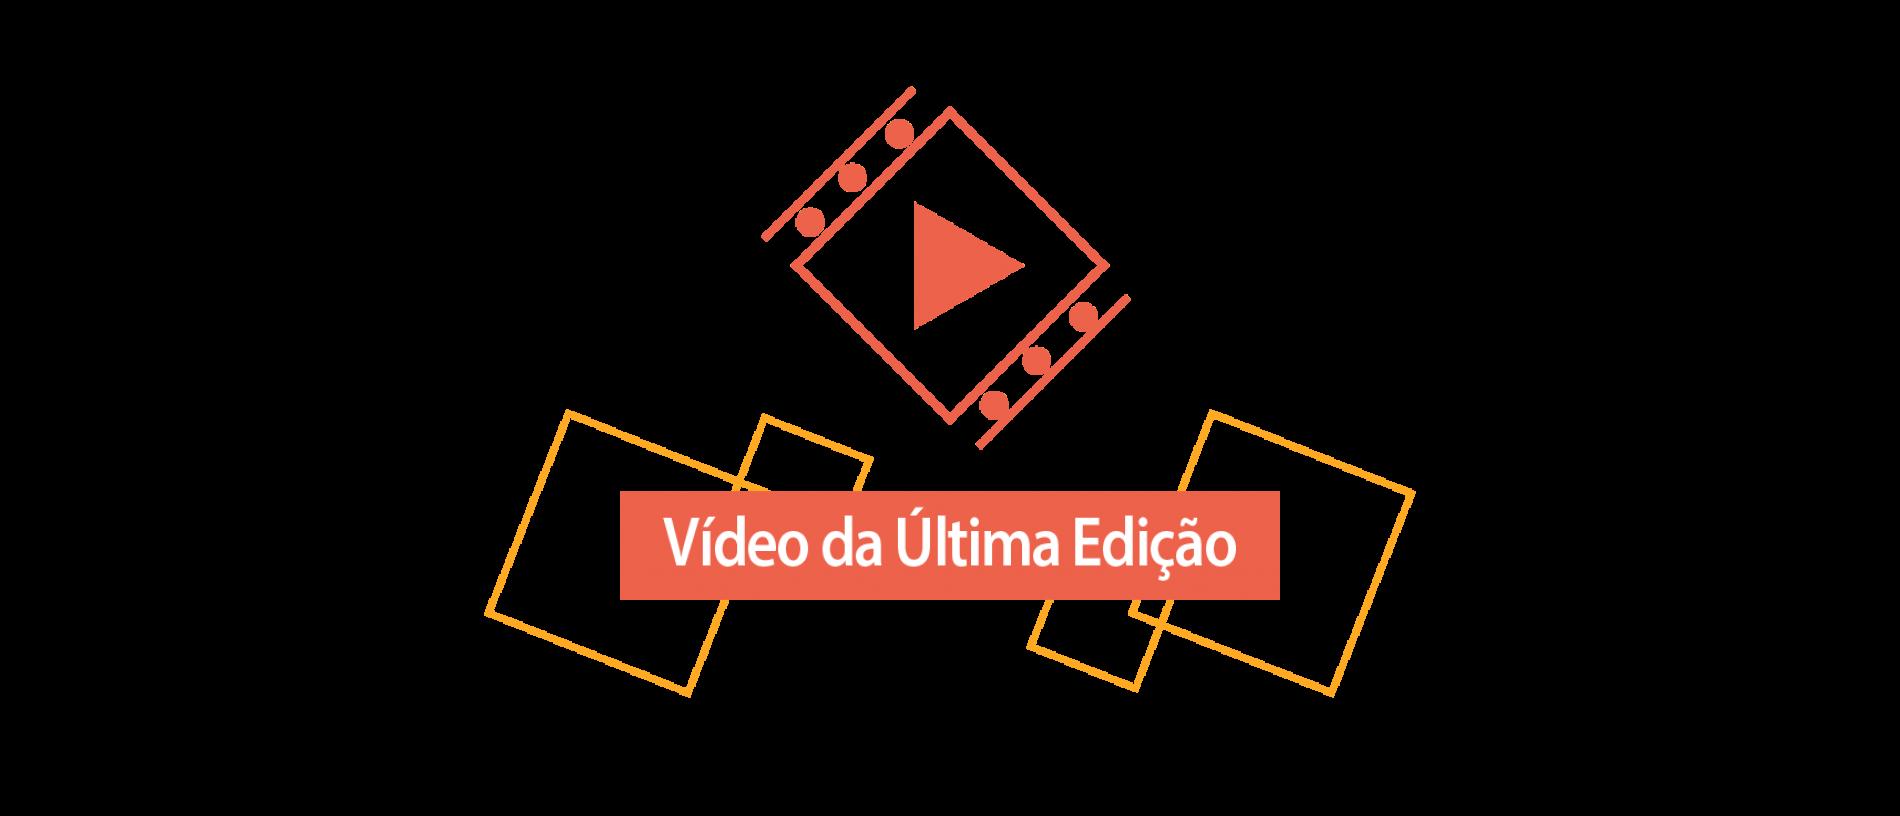 https://www.mestregp.com.br/wp-content/uploads/2018/02/Pagina-FórumBRA-videos-1900x816.png